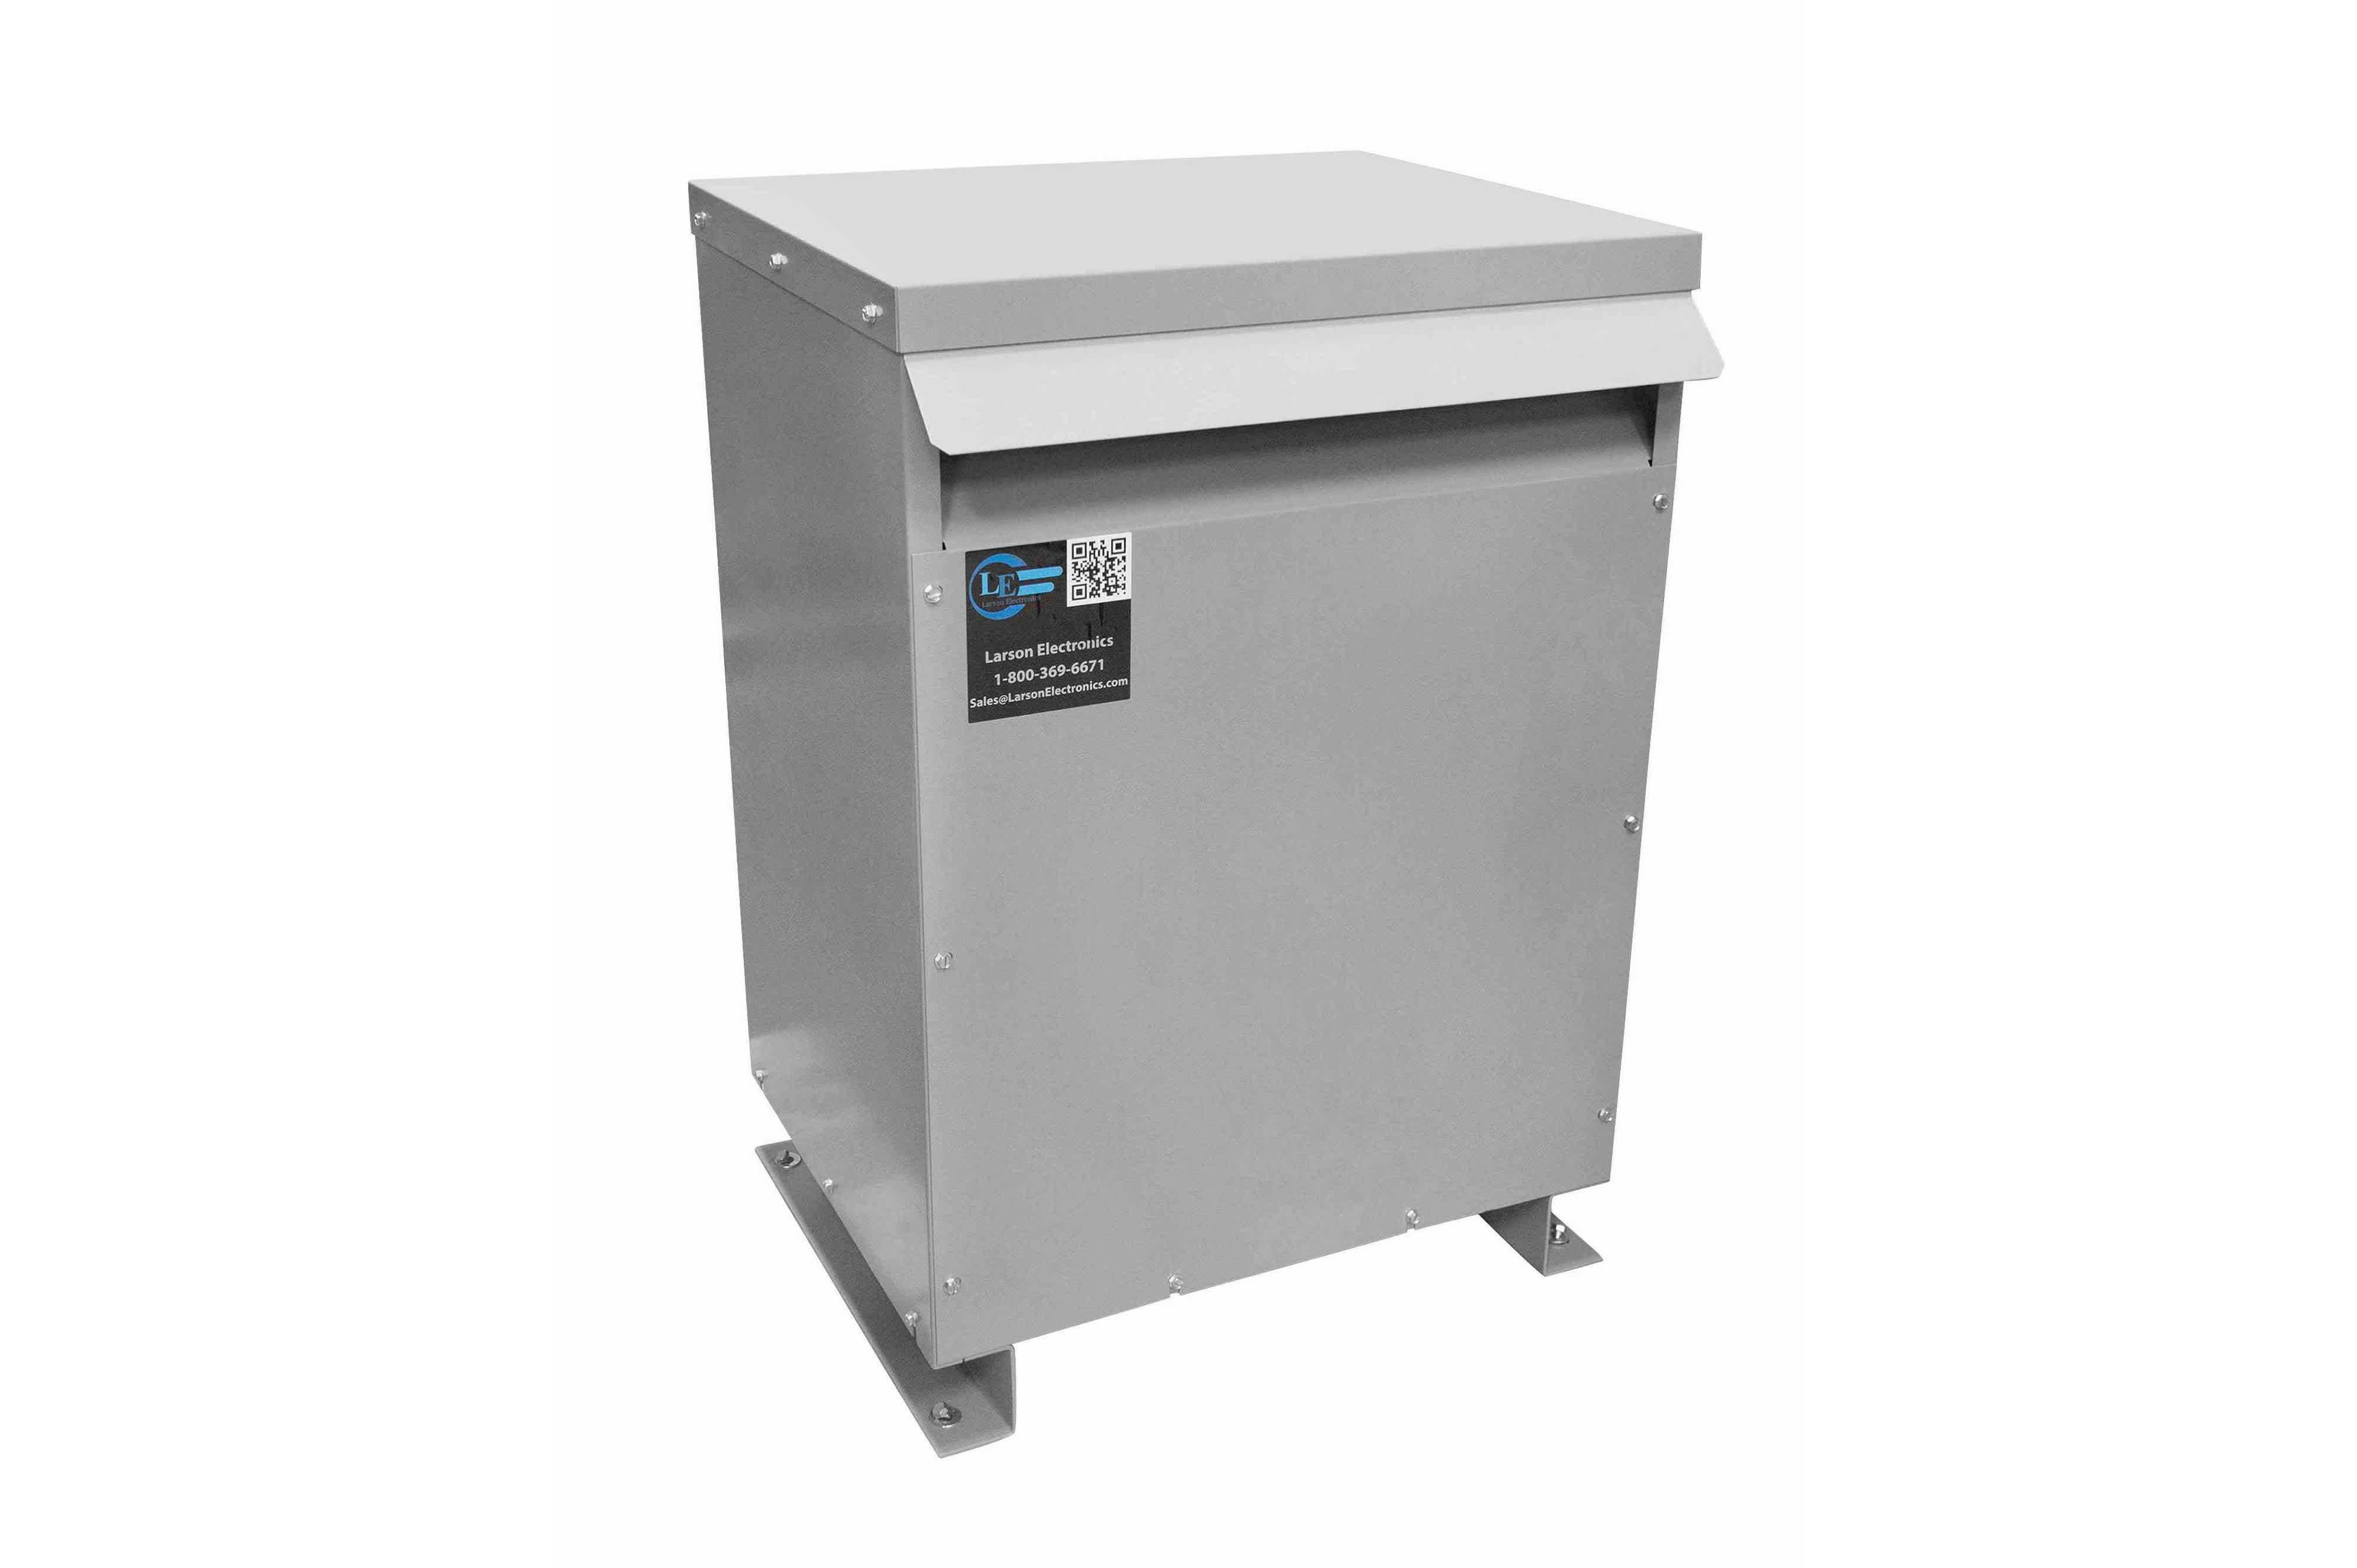 167 kVA 3PH Isolation Transformer, 480V Delta Primary, 600V Delta Secondary, N3R, Ventilated, 60 Hz